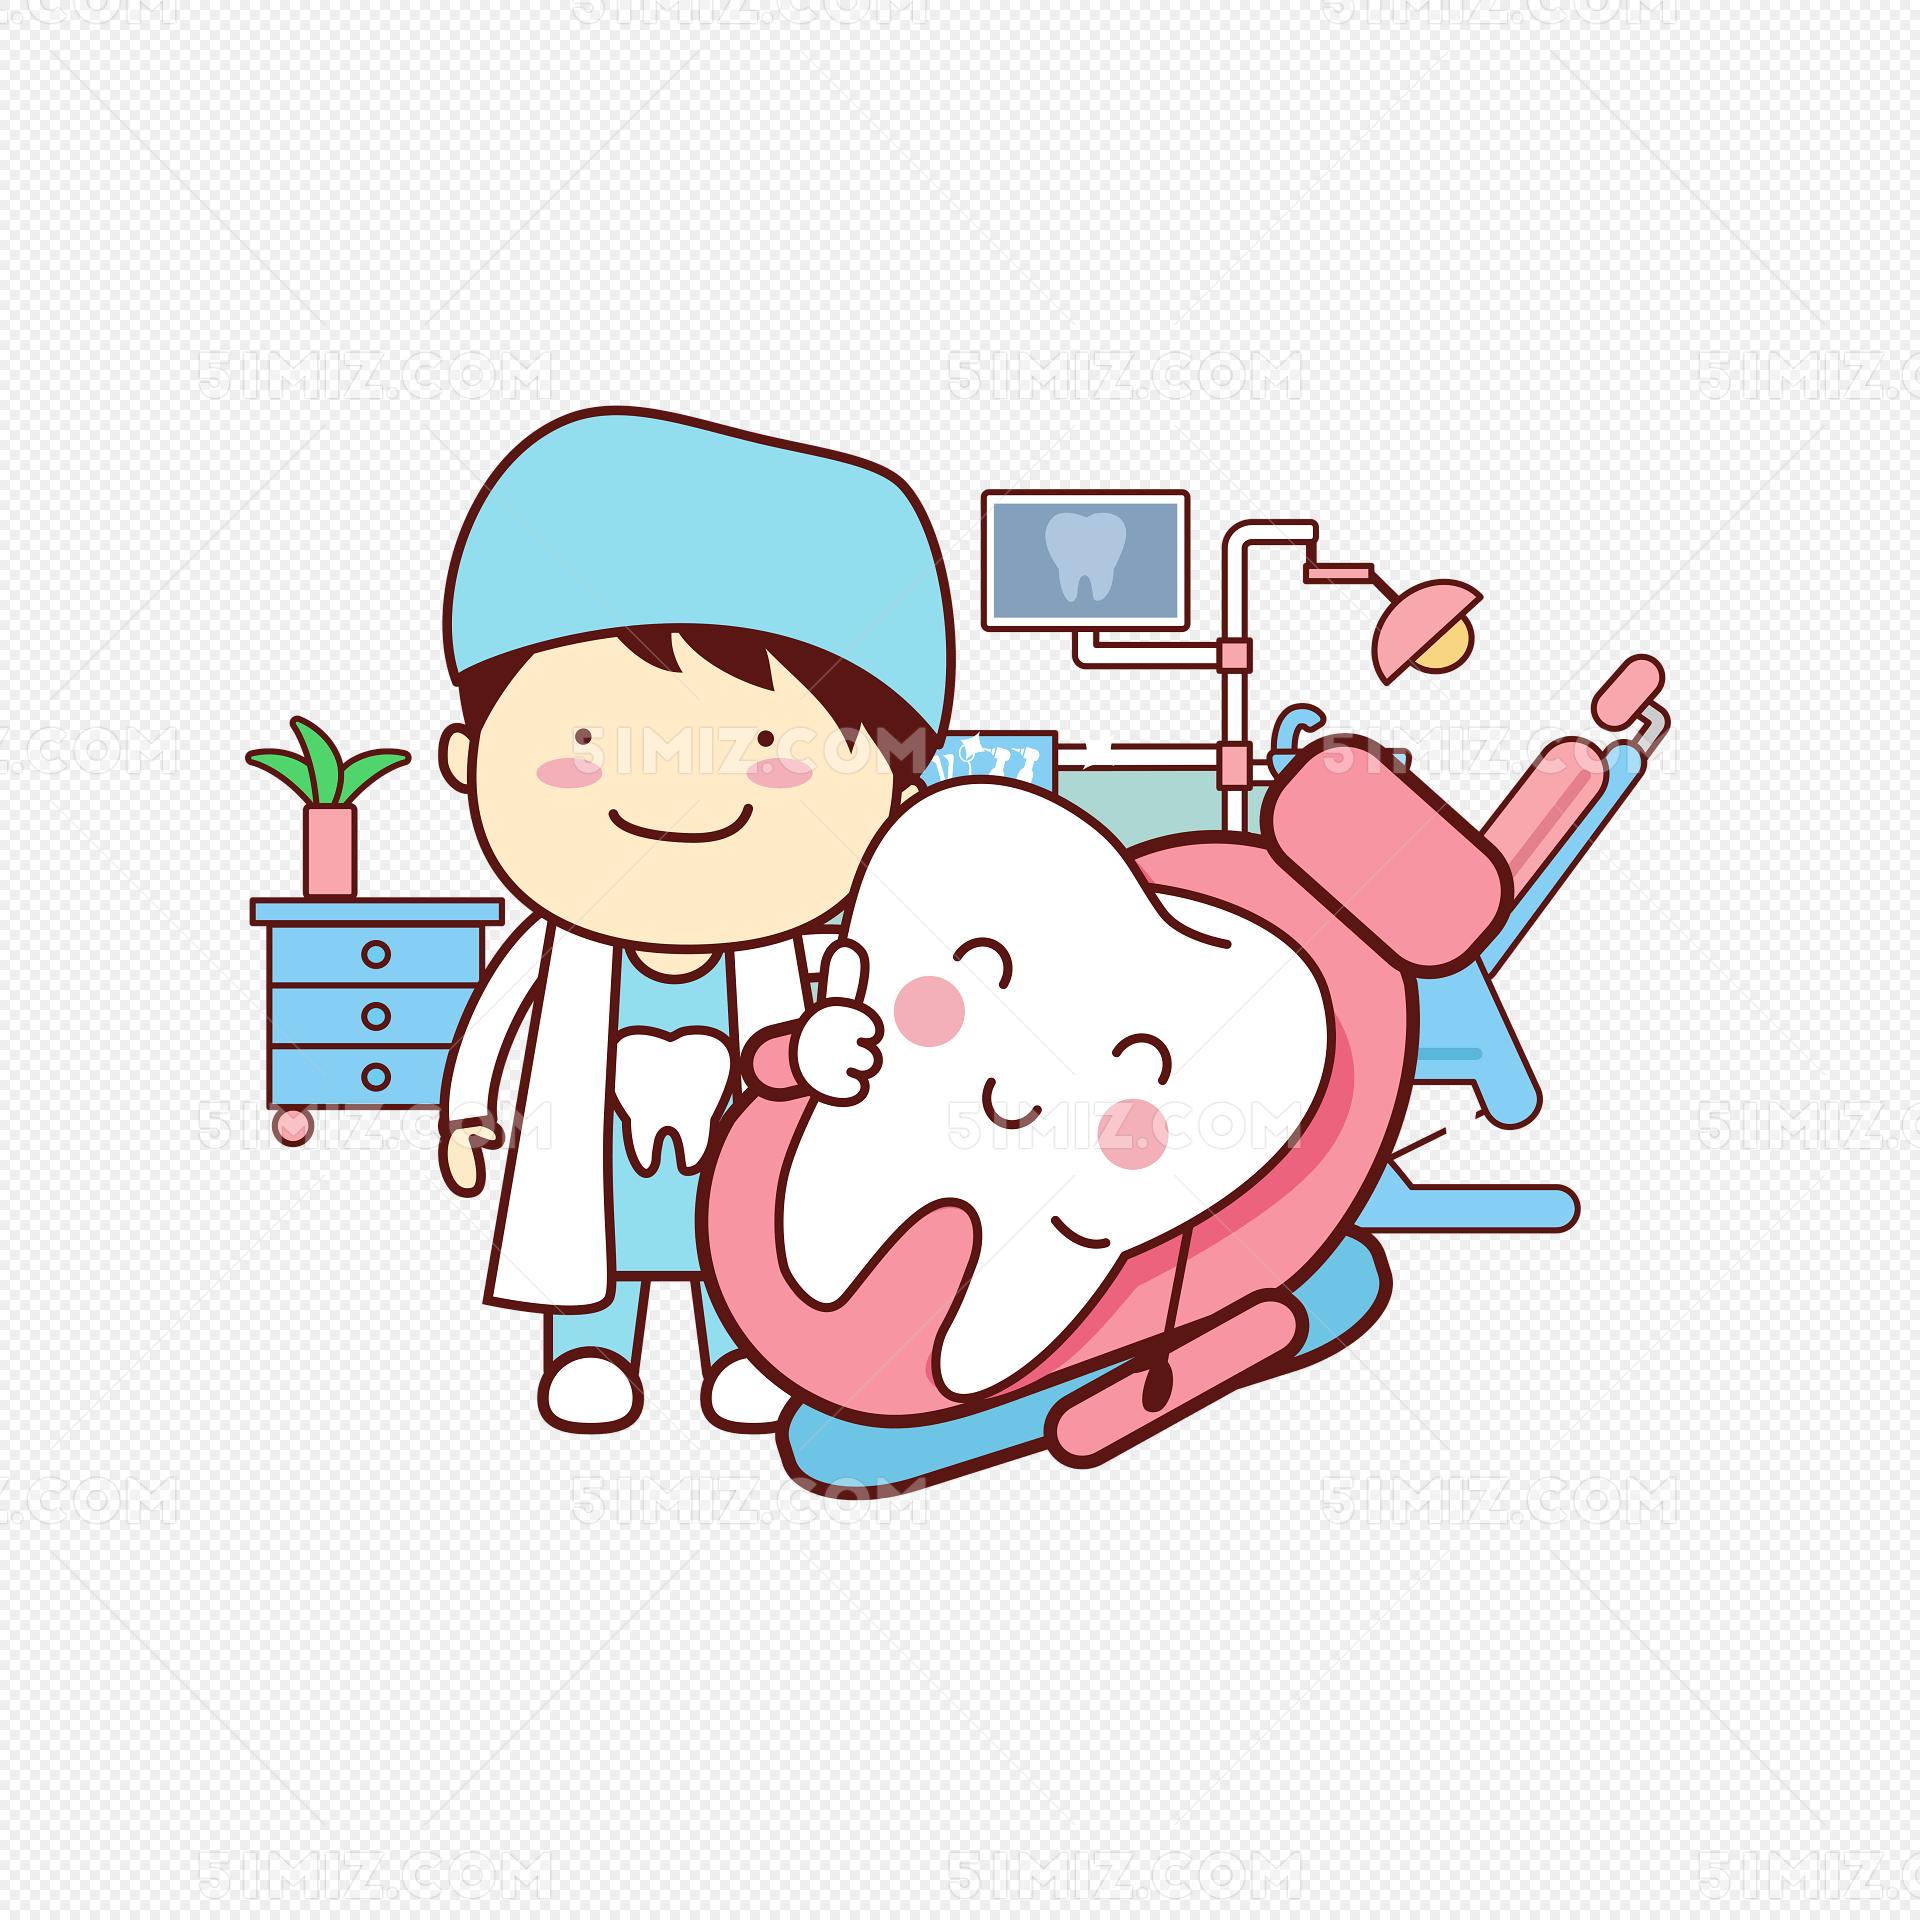 卡通牙齿矢量图